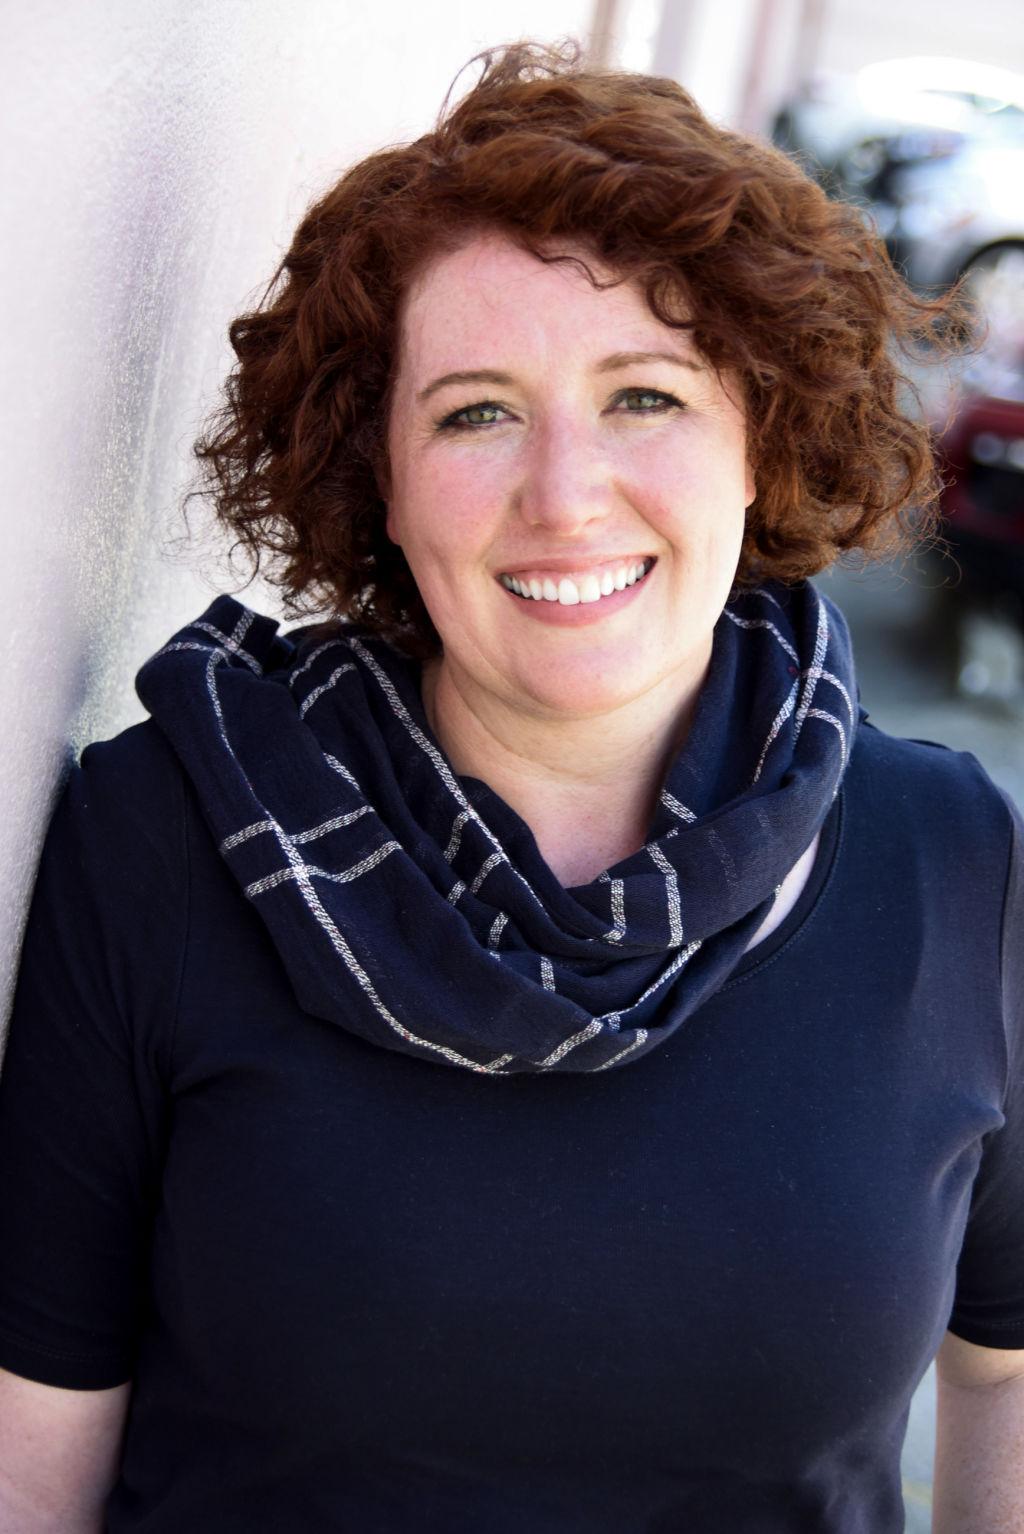 Bayside-based author Jane Harper.